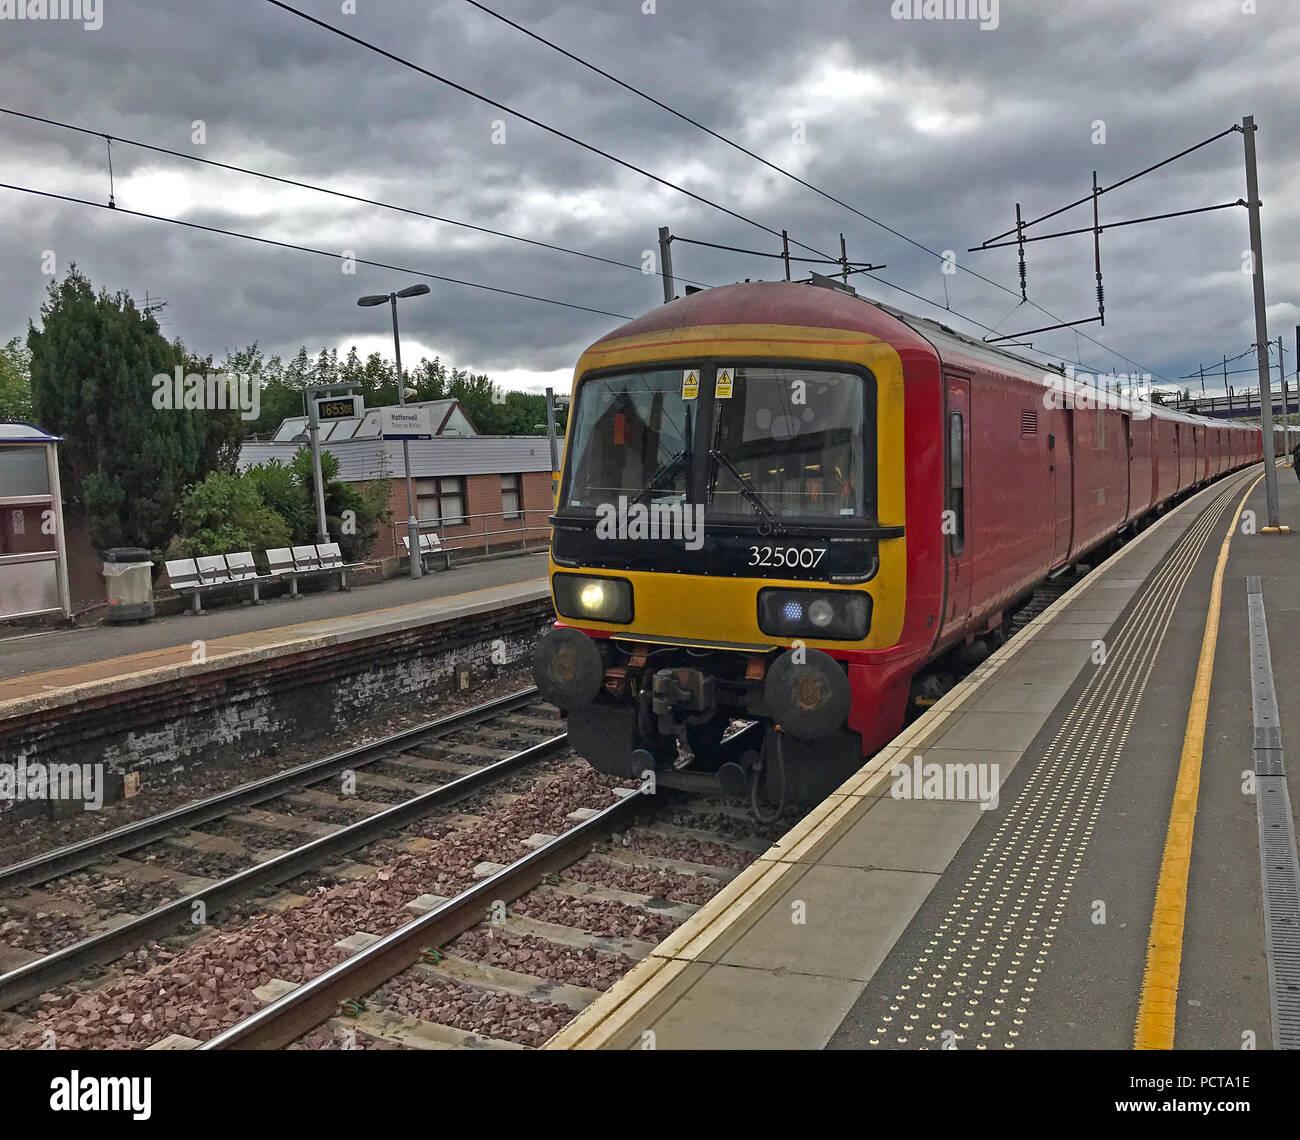 Laden Sie dieses Alamy Stockfoto Red Royal Mail Zug, 325007, an Plattform, Motherwell, North Lanarkshire, Schottland, Großbritannien - PCTA1E